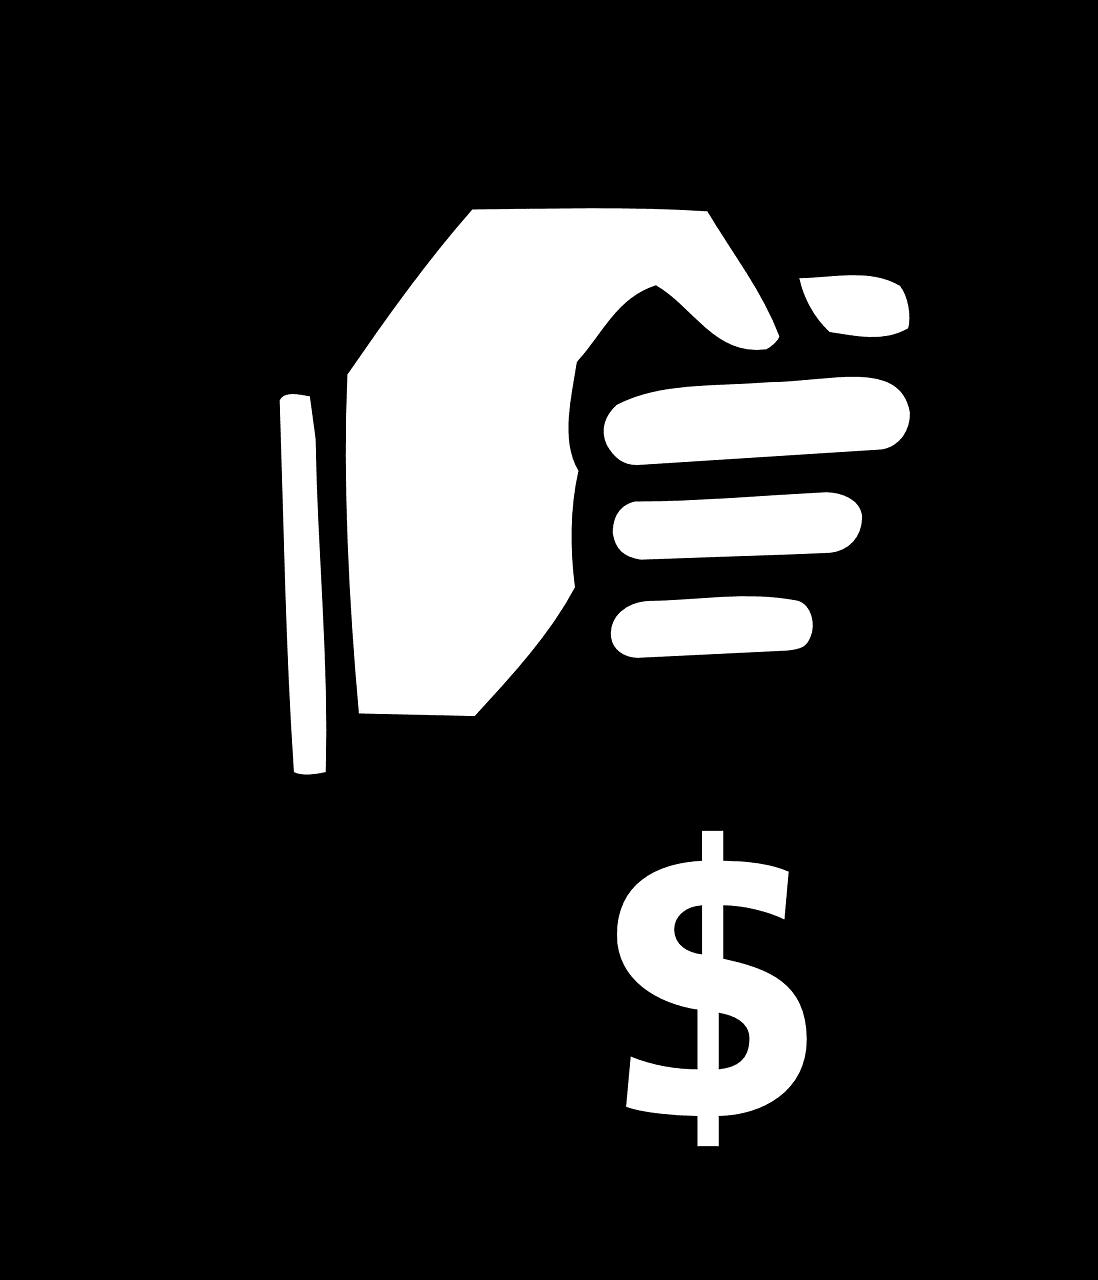 יד מחזיקה כסף